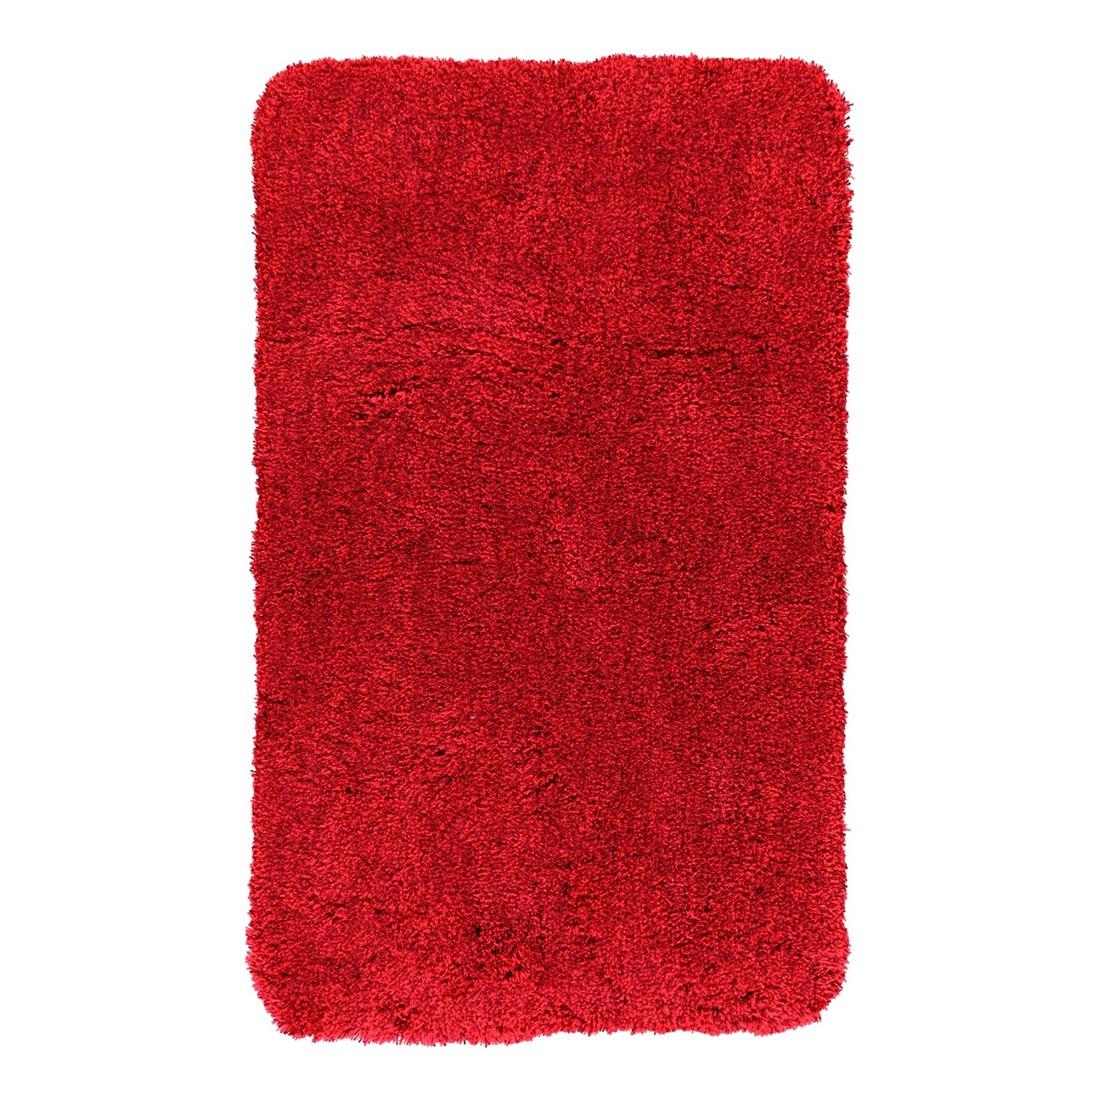 Badteppich Relax – 100% Polyacryl Rubin – 453 – Toilettenvorlage: 55 x 55 cm, Kleine Wolke günstig online kaufen